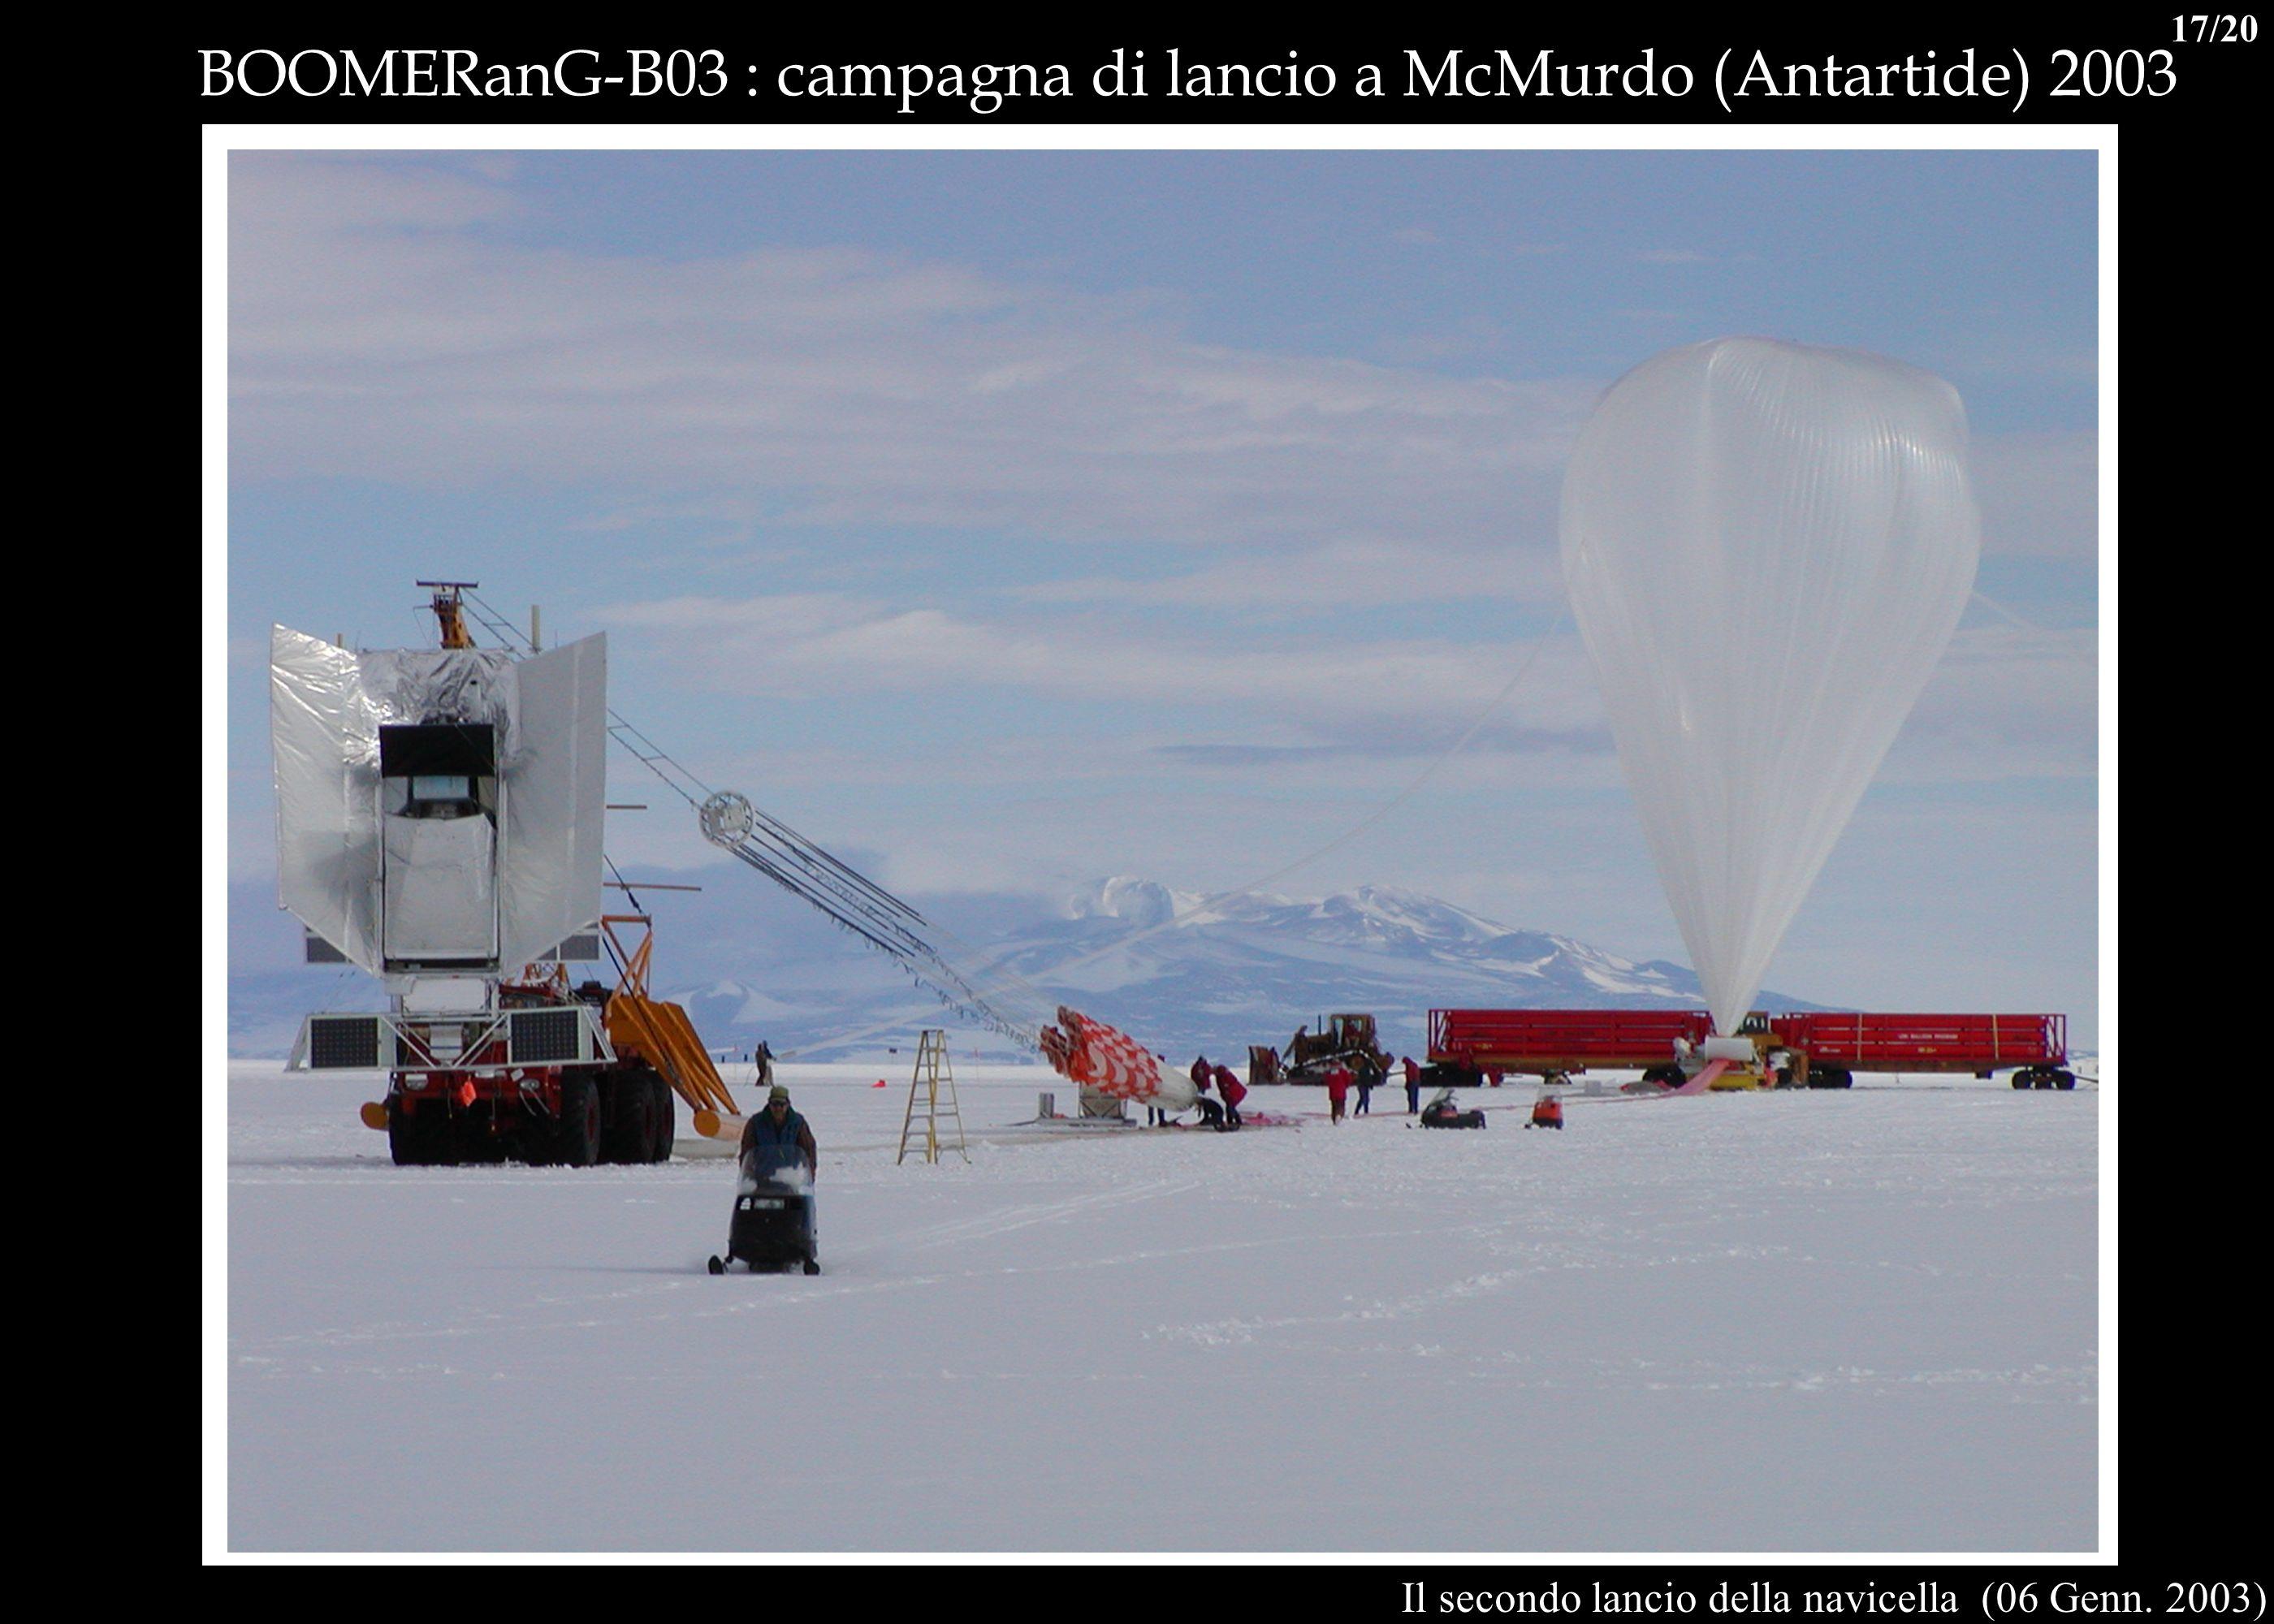 Il secondo lancio della navicella (06 Genn. 2003) BOOMERanG-B03 : campagna di lancio a McMurdo (Antartide) 2003 17/20